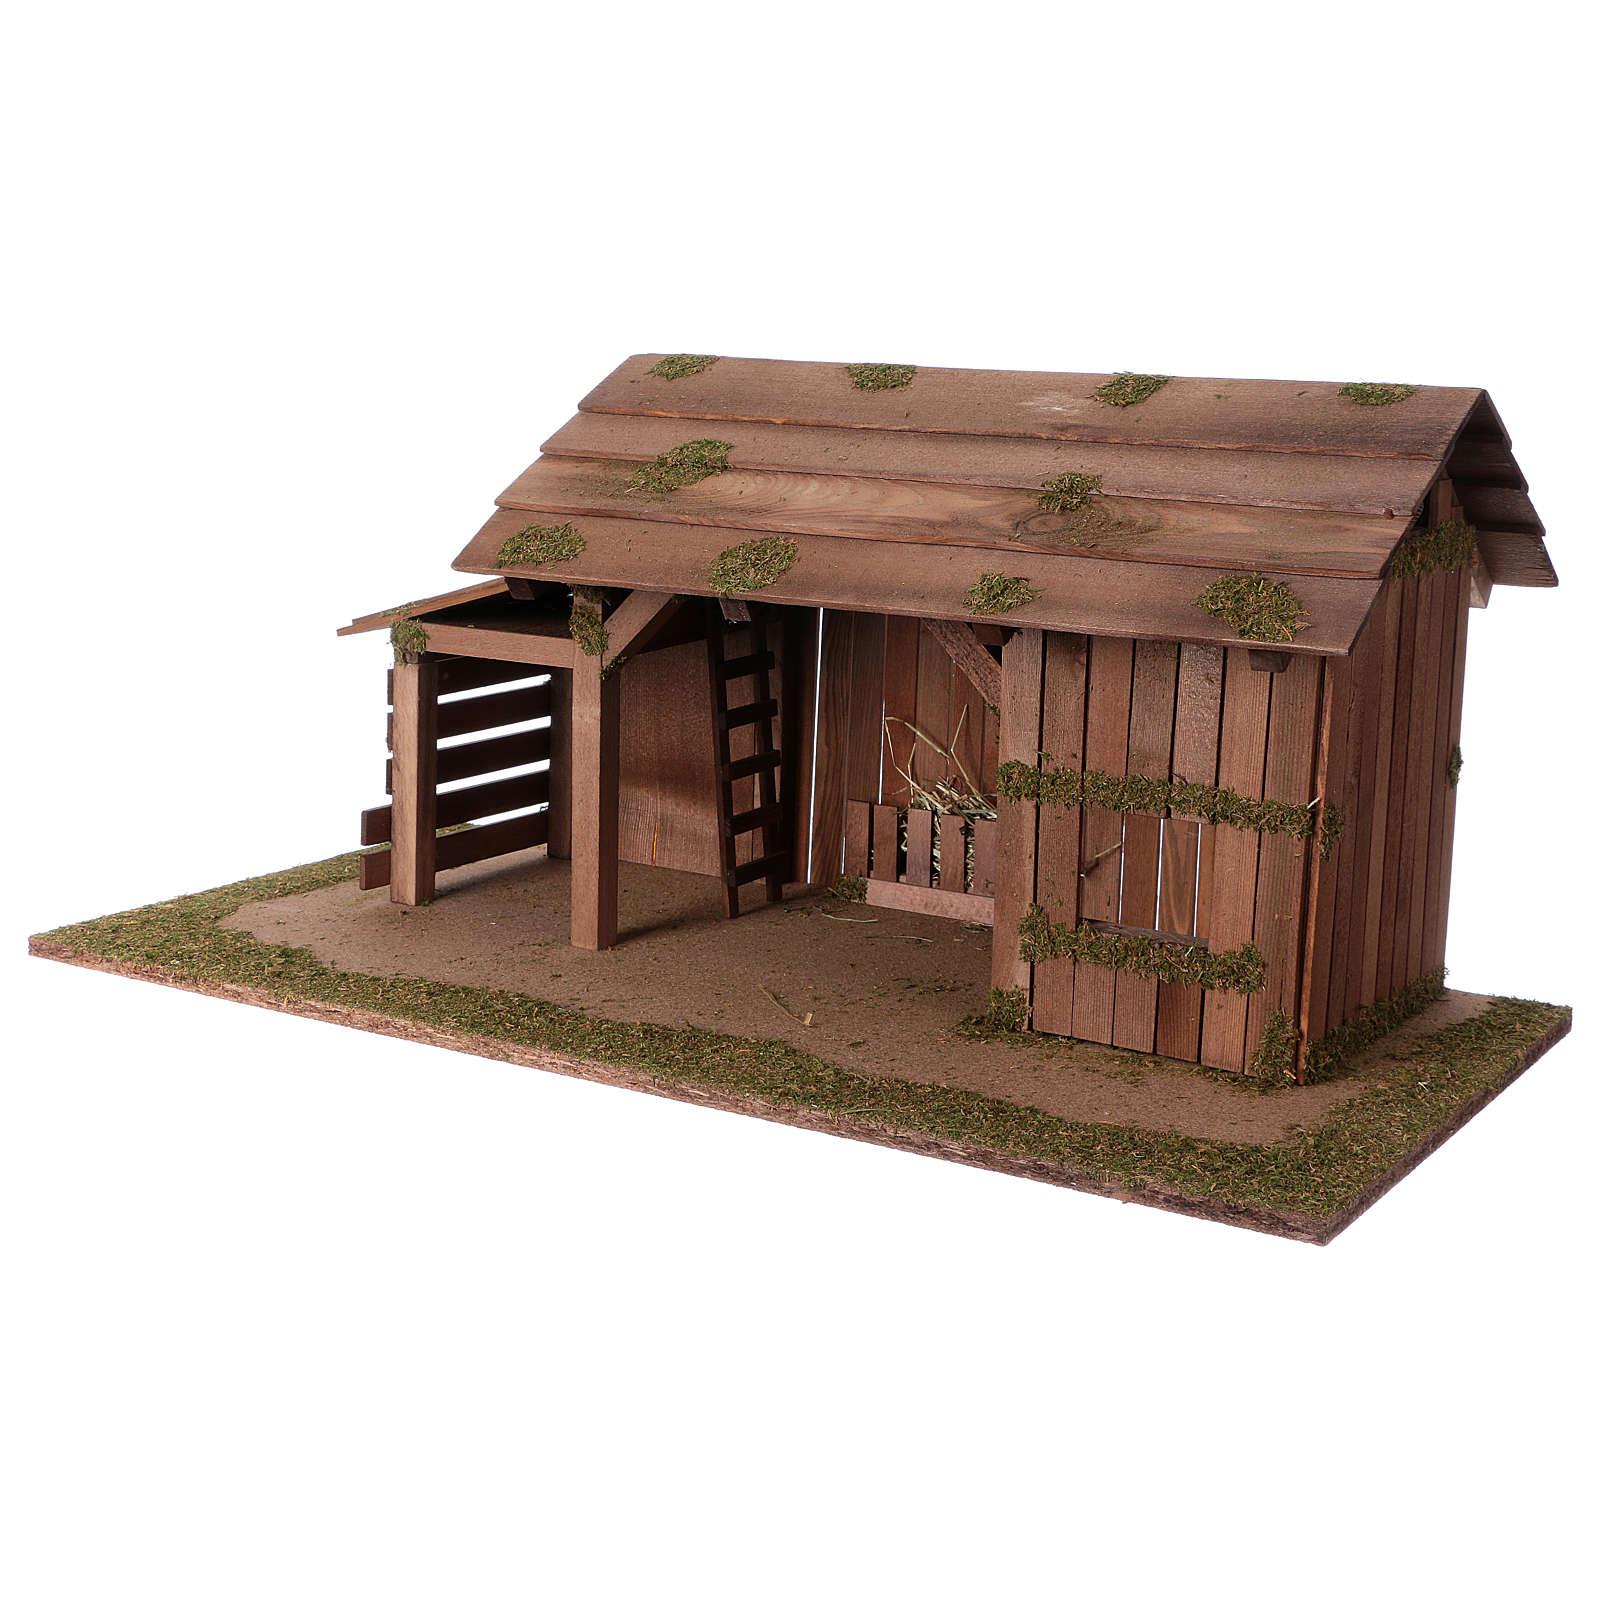 Cabaña de madera con establo 31x70x35 cm para belenes de 15 cm 4